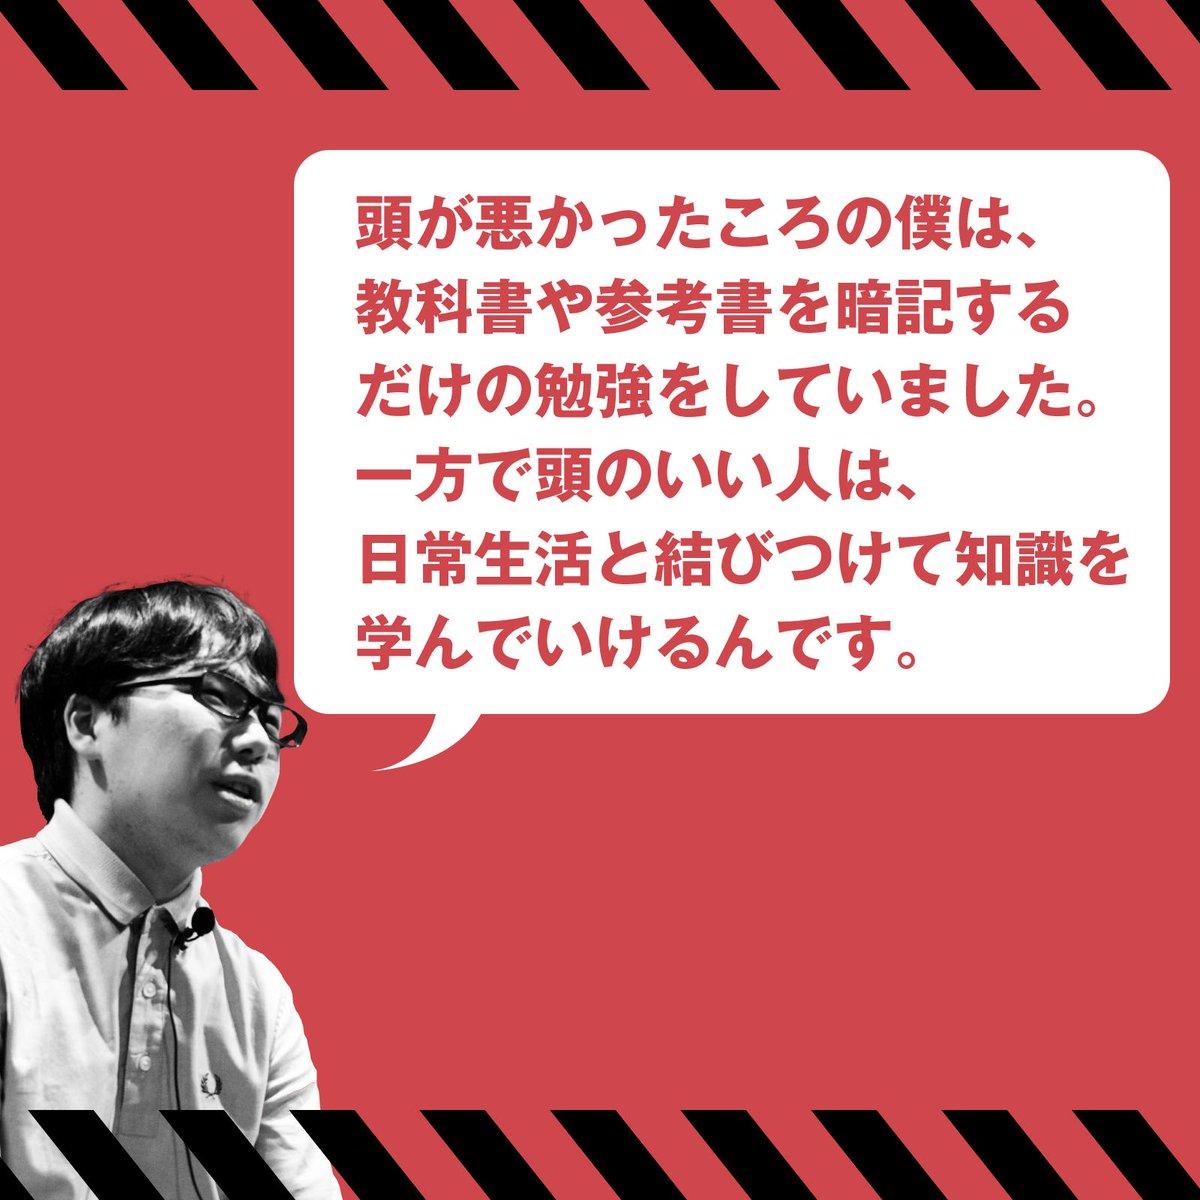 test ツイッターメディア - 東大卒の編集者・佐渡島庸平さんが現役東大生作家に疑問をぶつけました。  佐渡島「西岡君って、偏差値35から東大に受かったんだよね。シンプルに言えば、頭が悪い人からいい人に生まれ変わったってことだよね」  対談全編を読む 👉 https://t.co/bR62F7Xg7S https://t.co/yEhBi0wTDl